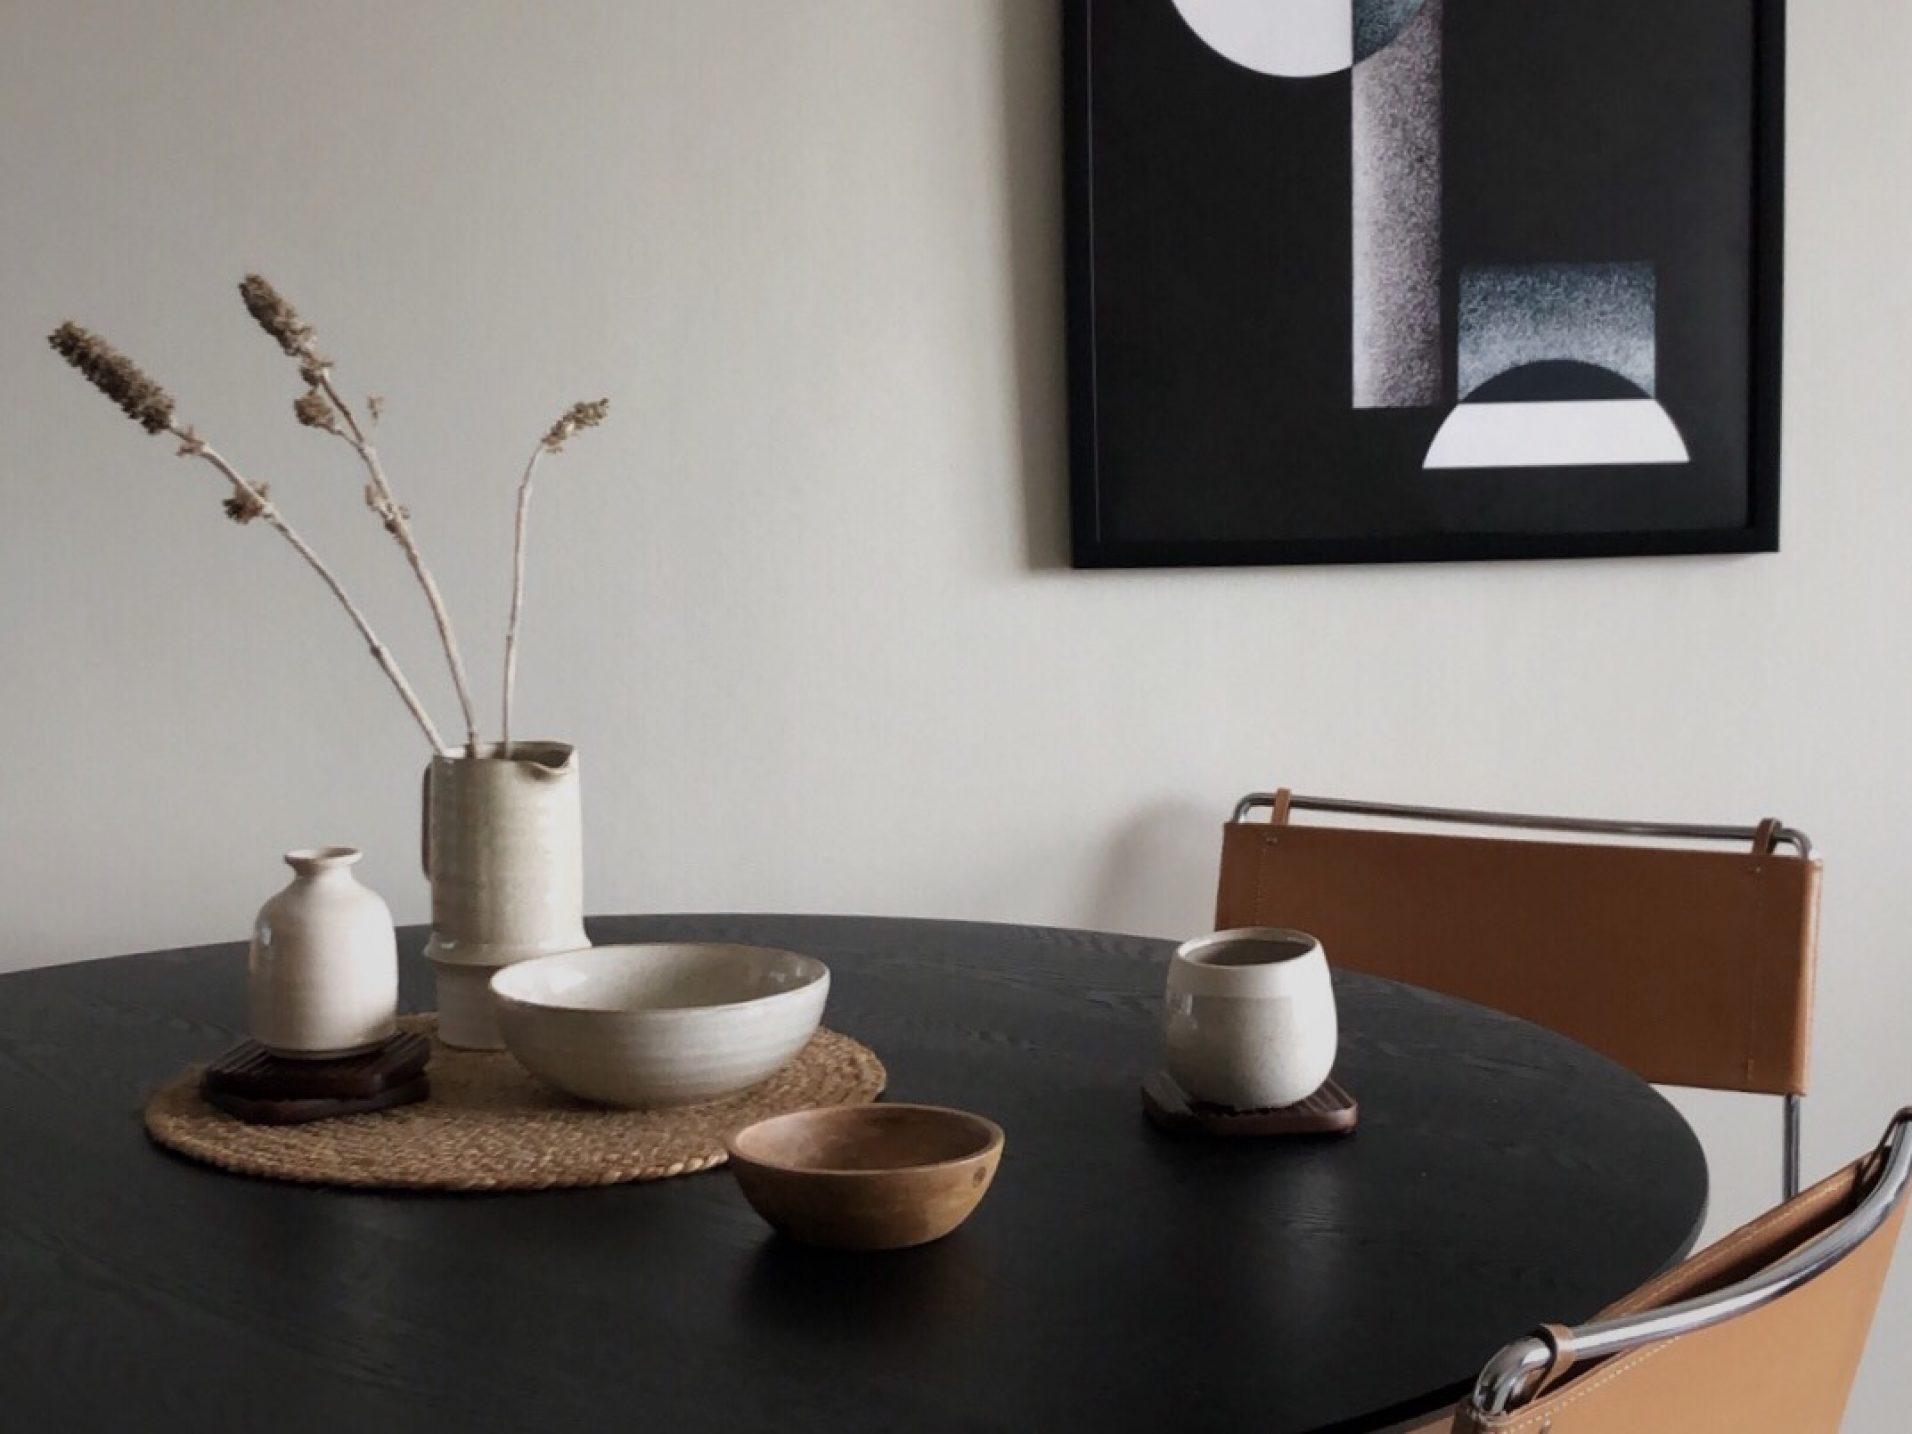 Studio In, Sjöstjärnan Balder, Visningslägenhet, matplats, runt bord, homeroom, byon